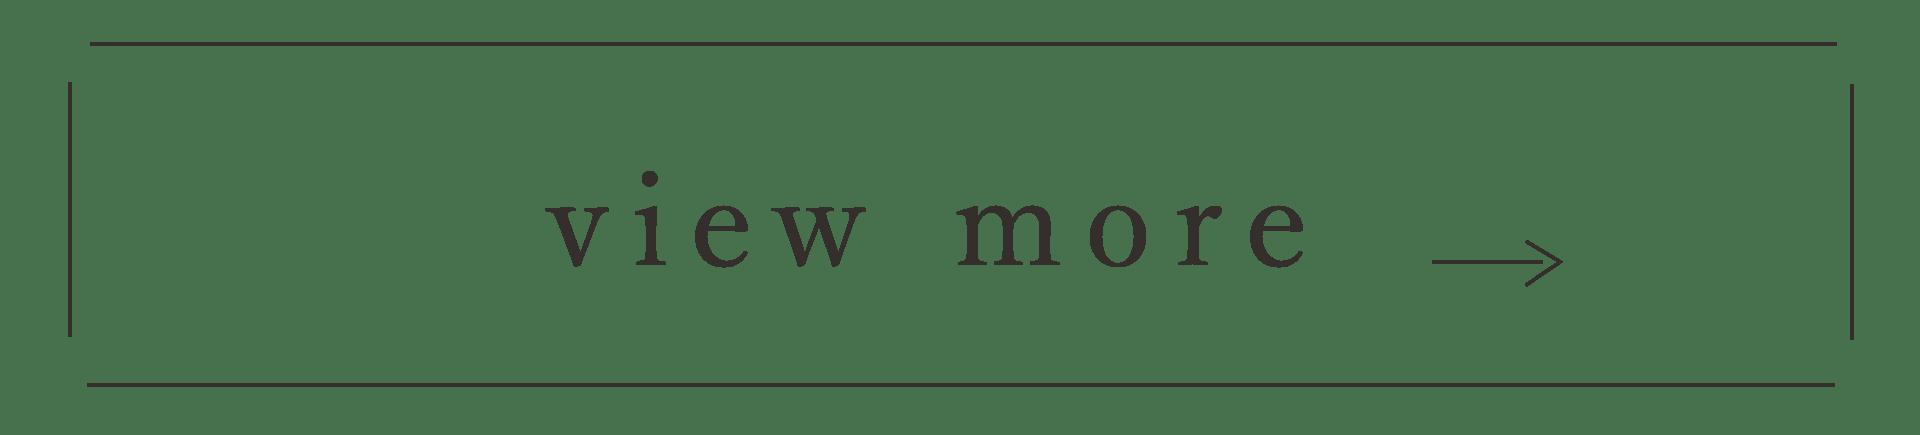 viewmore